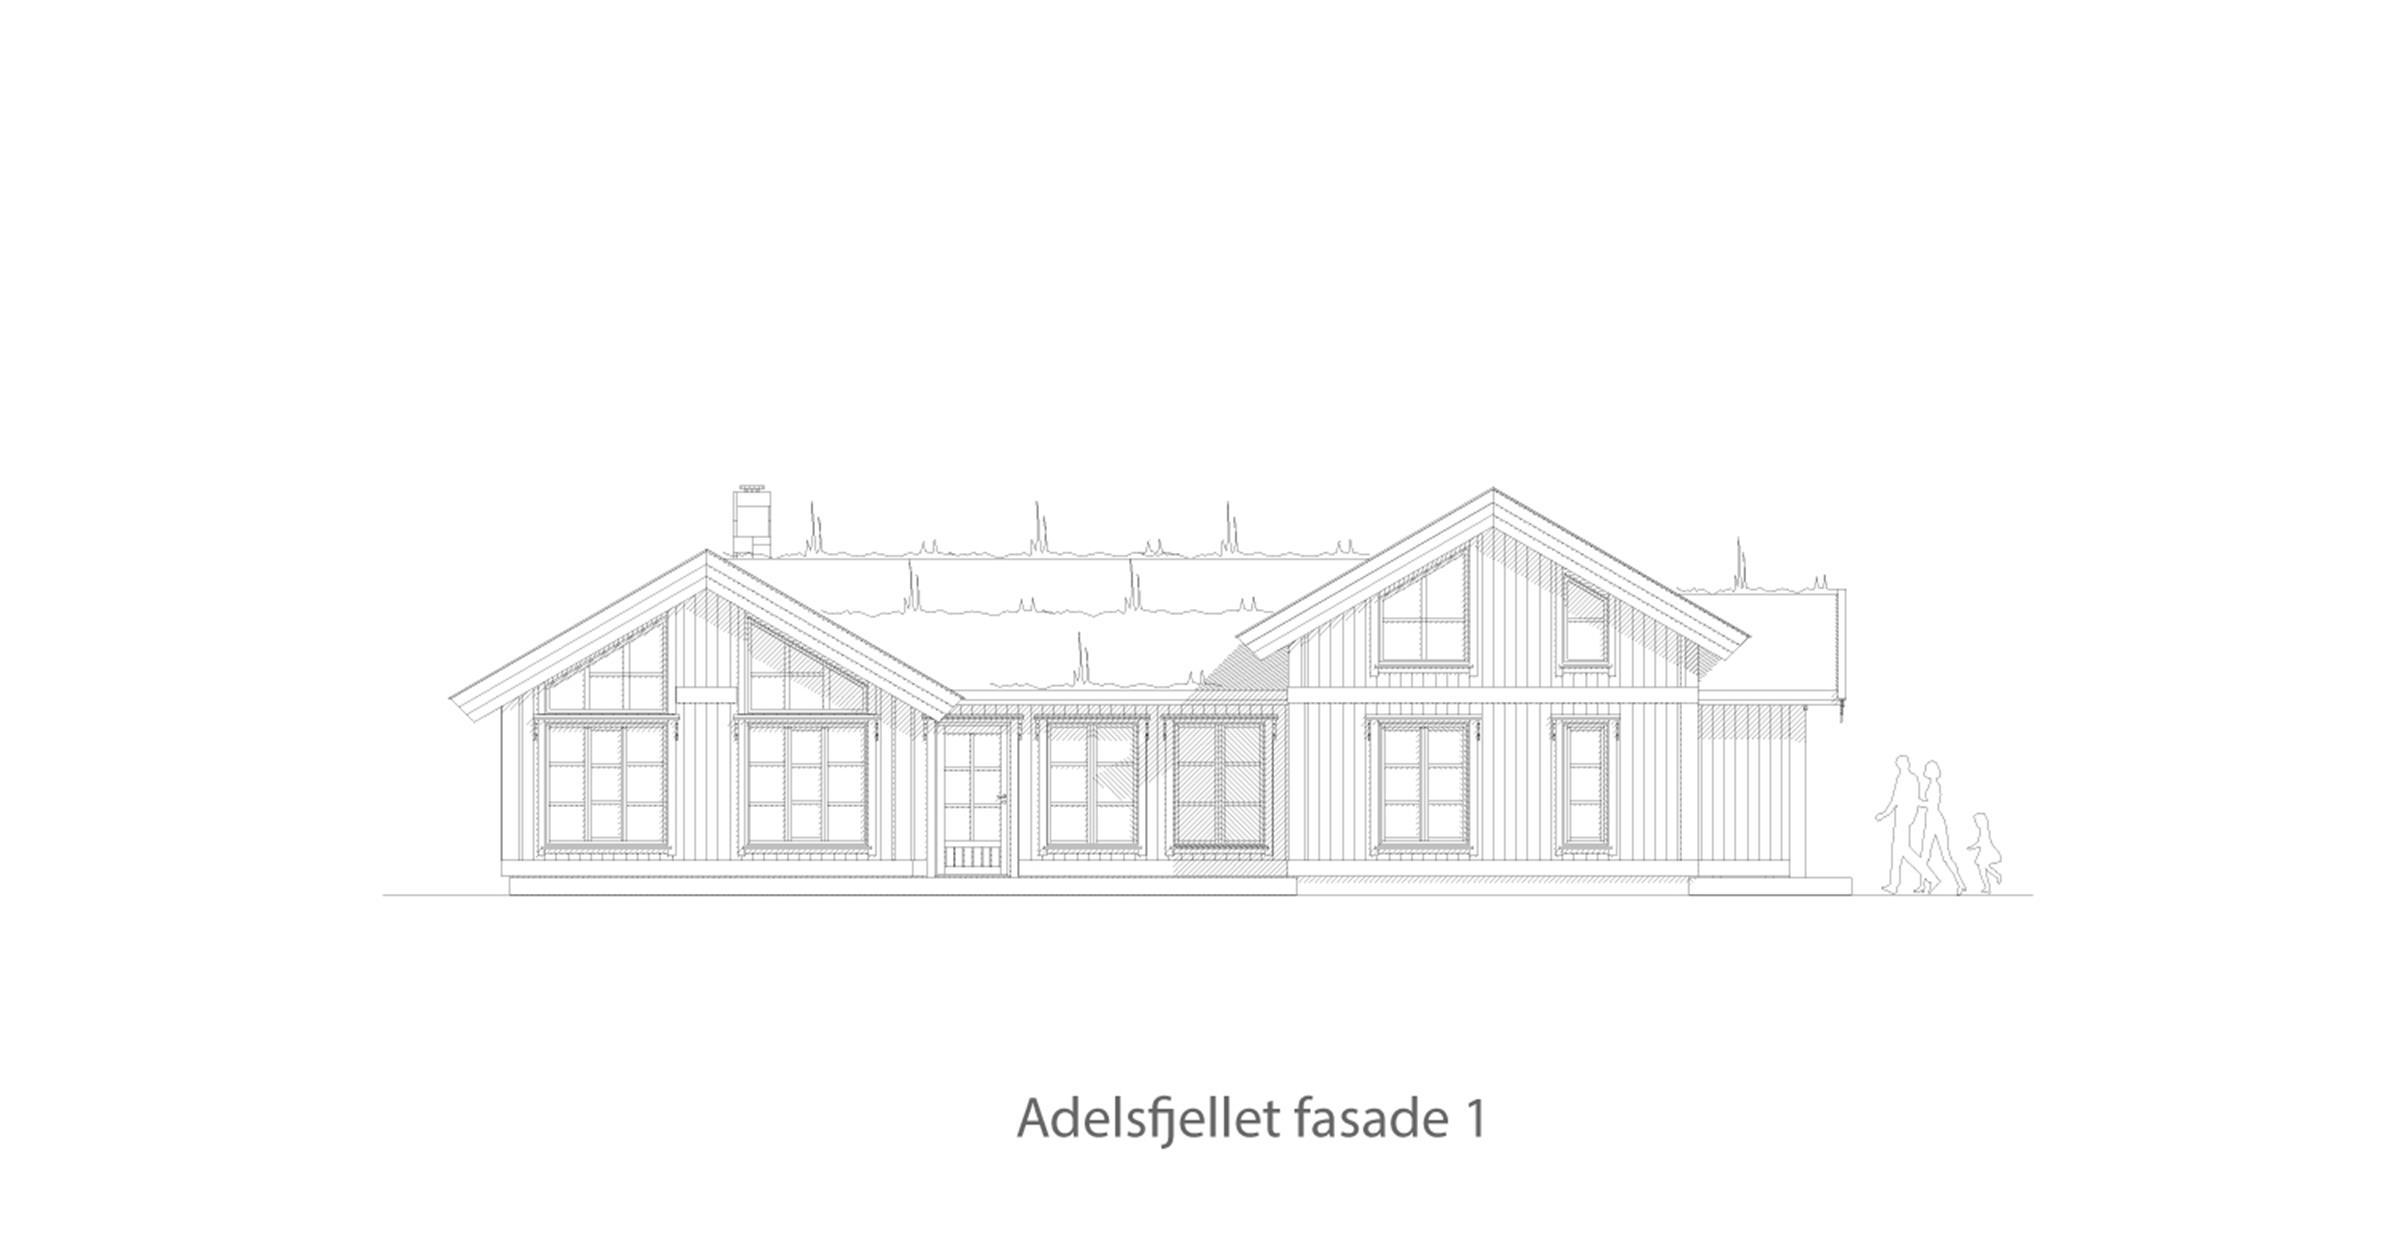 Adelsfjellet fasade 1